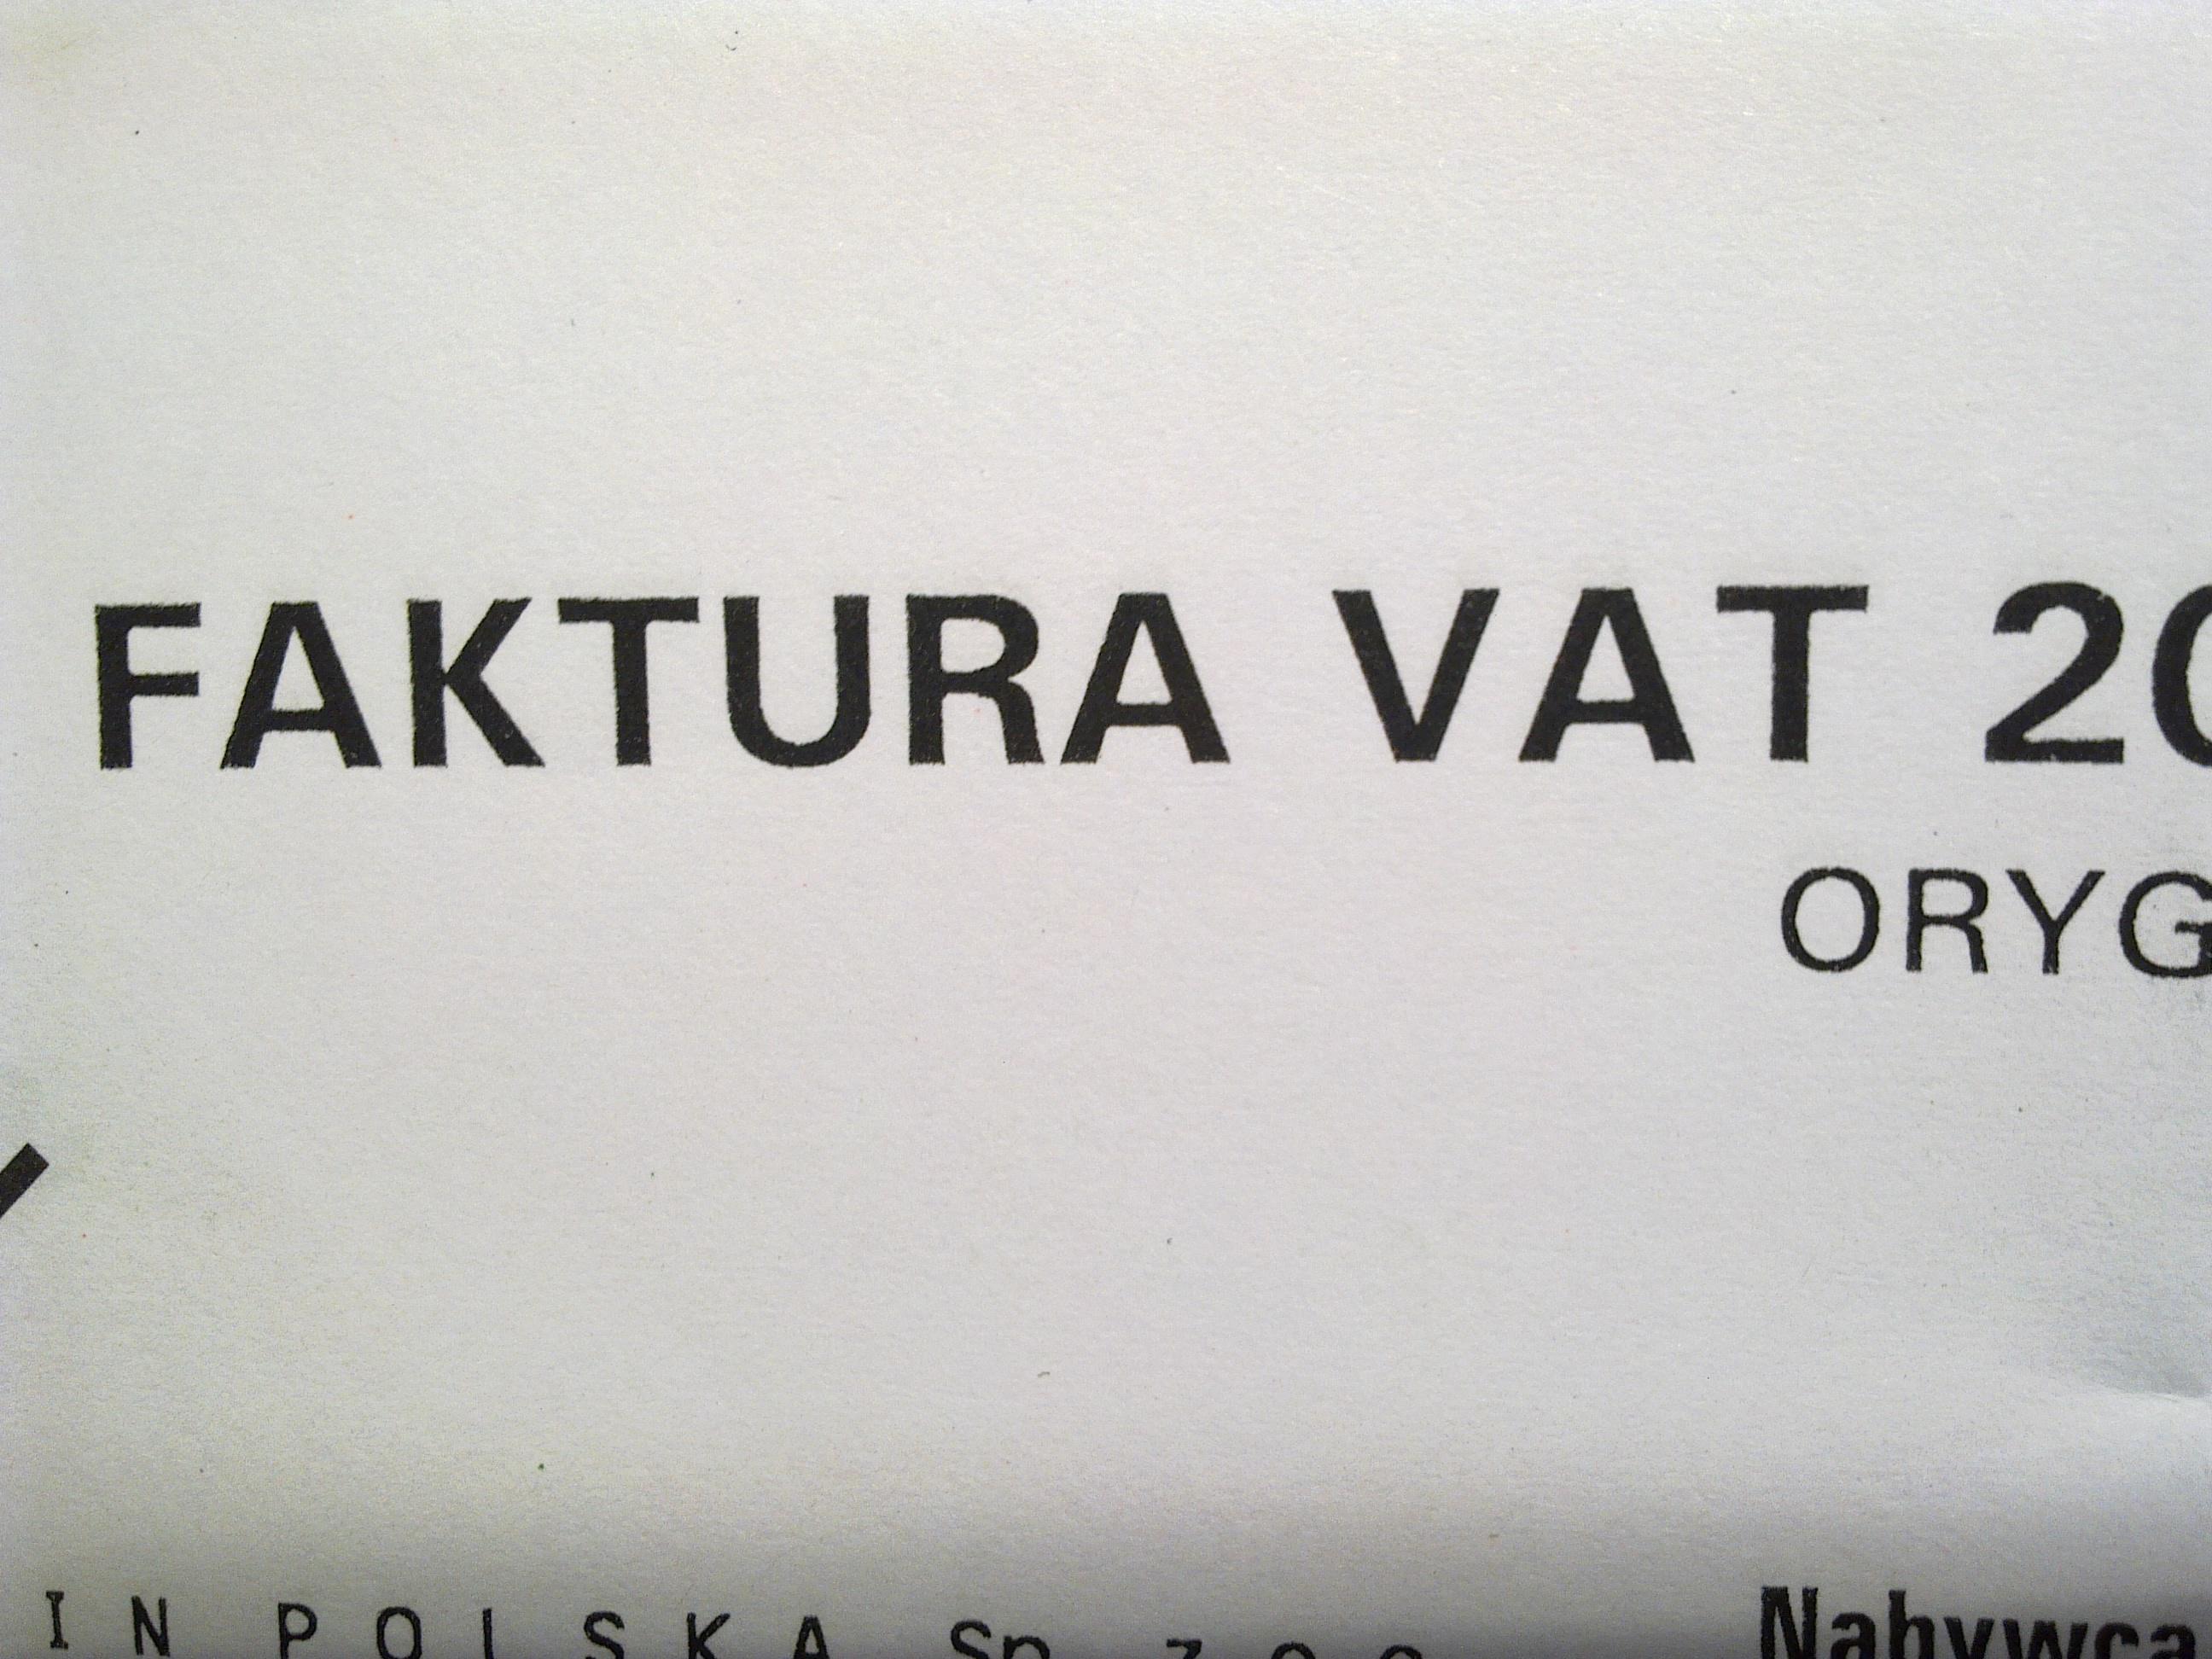 Odwrócony VAT od 1 kwietnia 2015 r.?